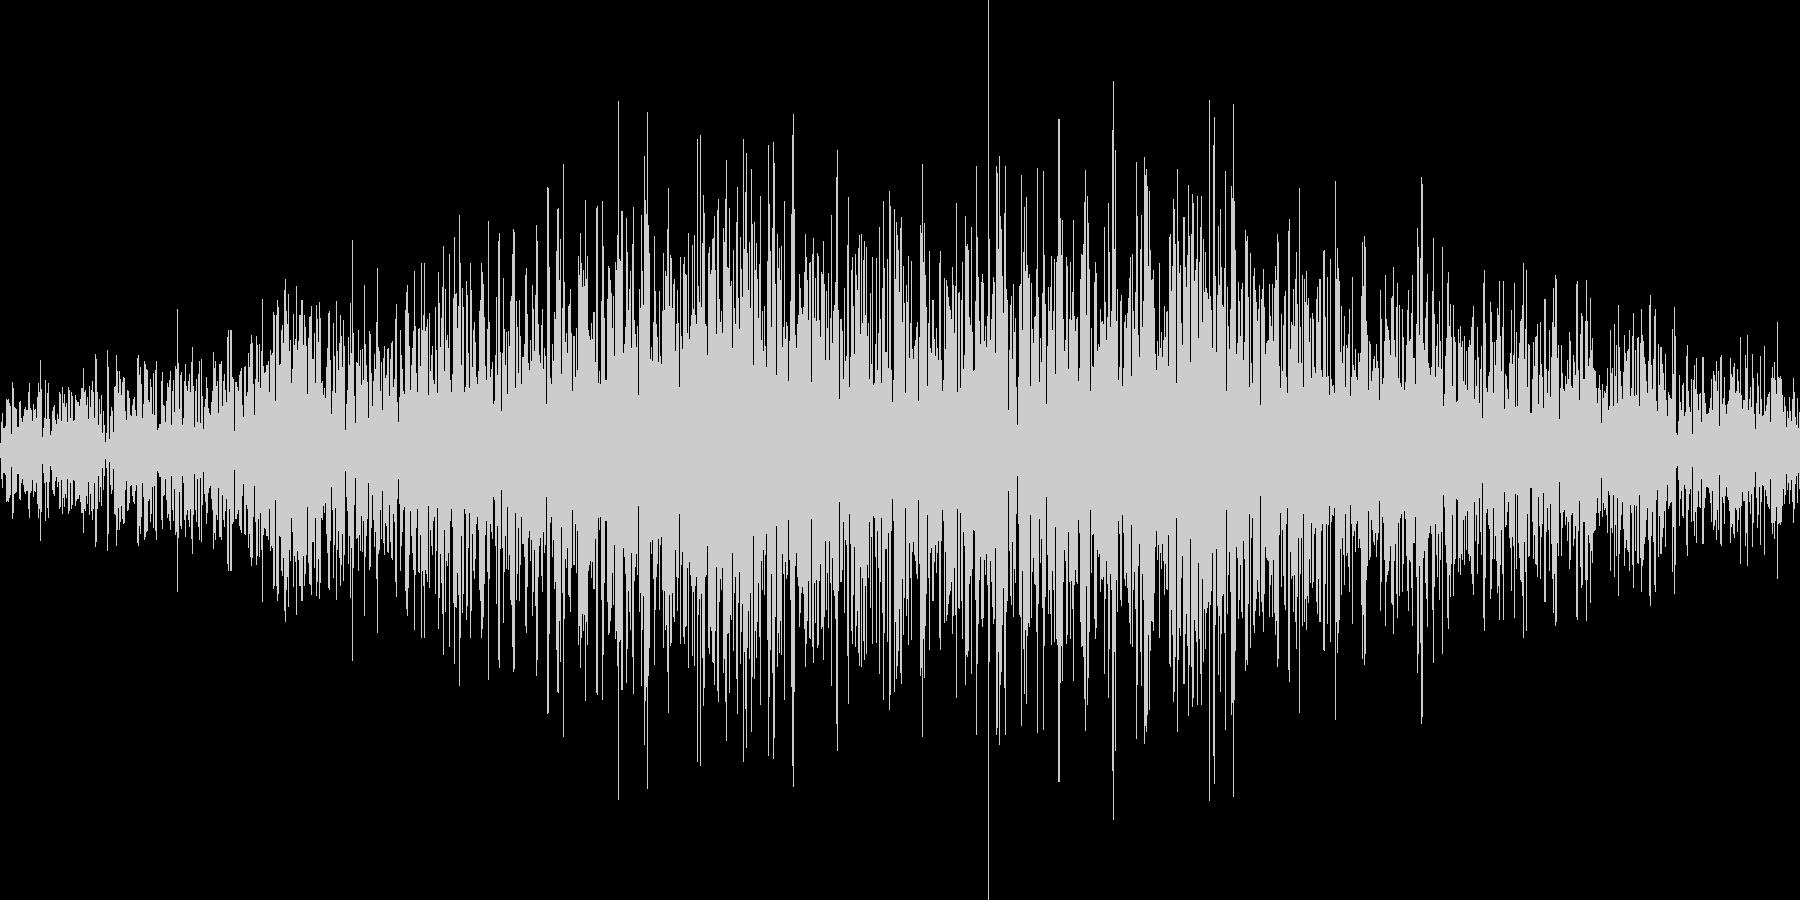 無限ループする地響き(モノラル)の未再生の波形